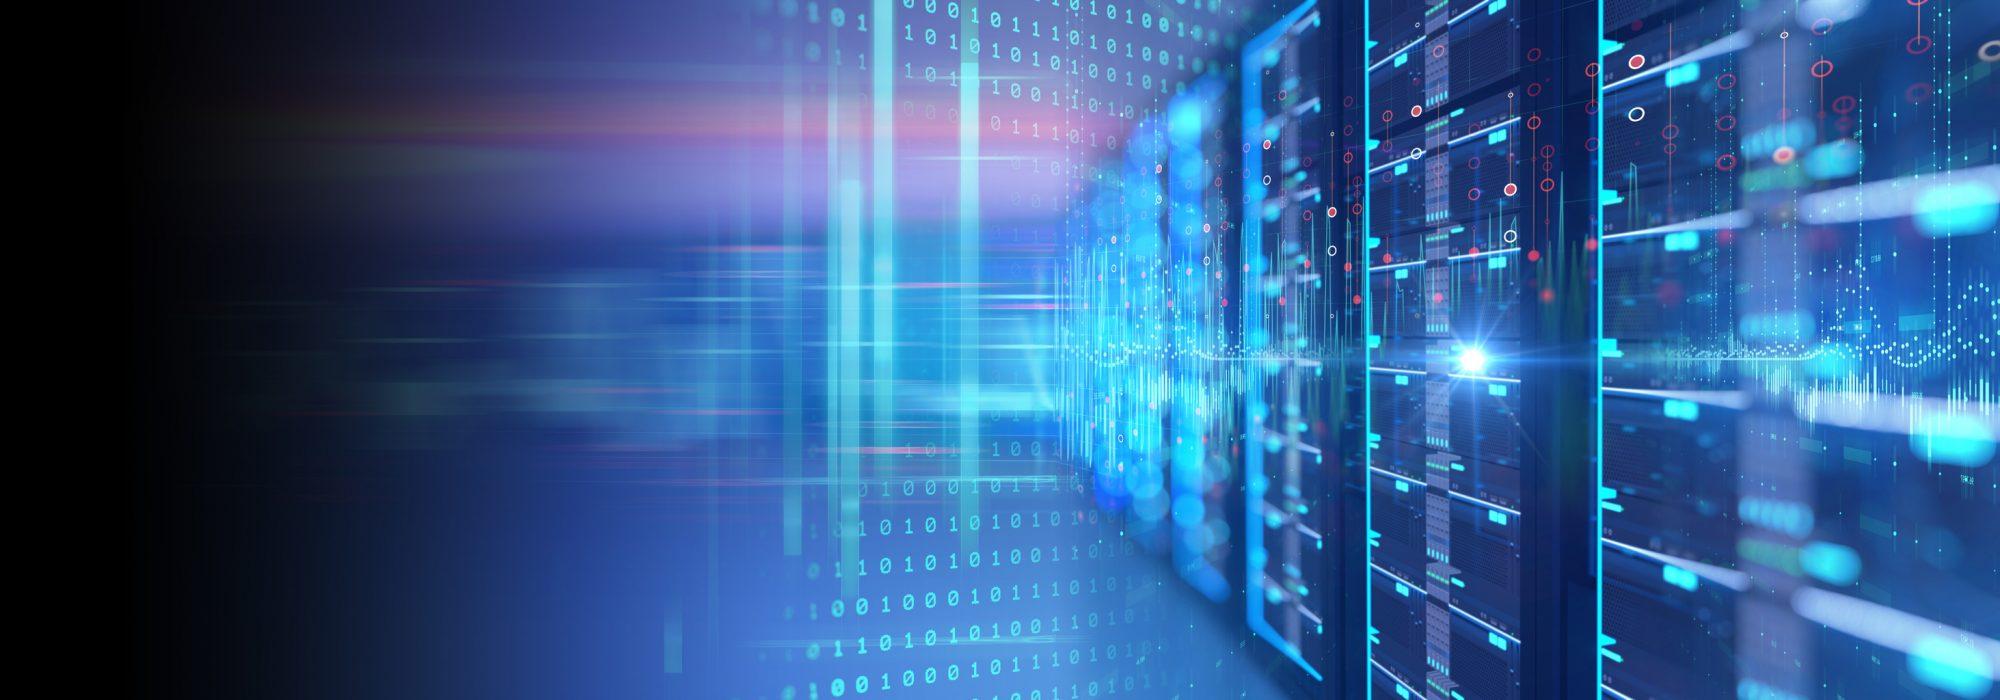 """Datenserver als Metapher für """"Cloud-Banking – Vorteile und Anforderungen bei der Implementierung"""""""